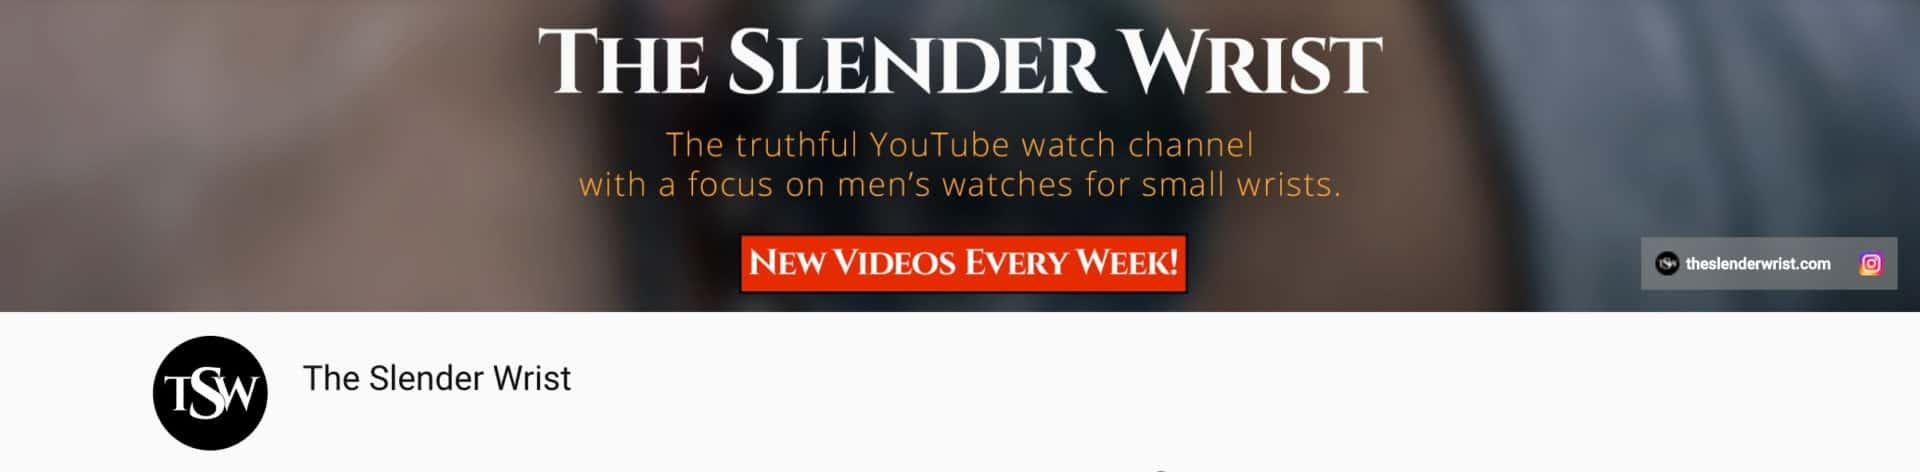 yt the slender wrist